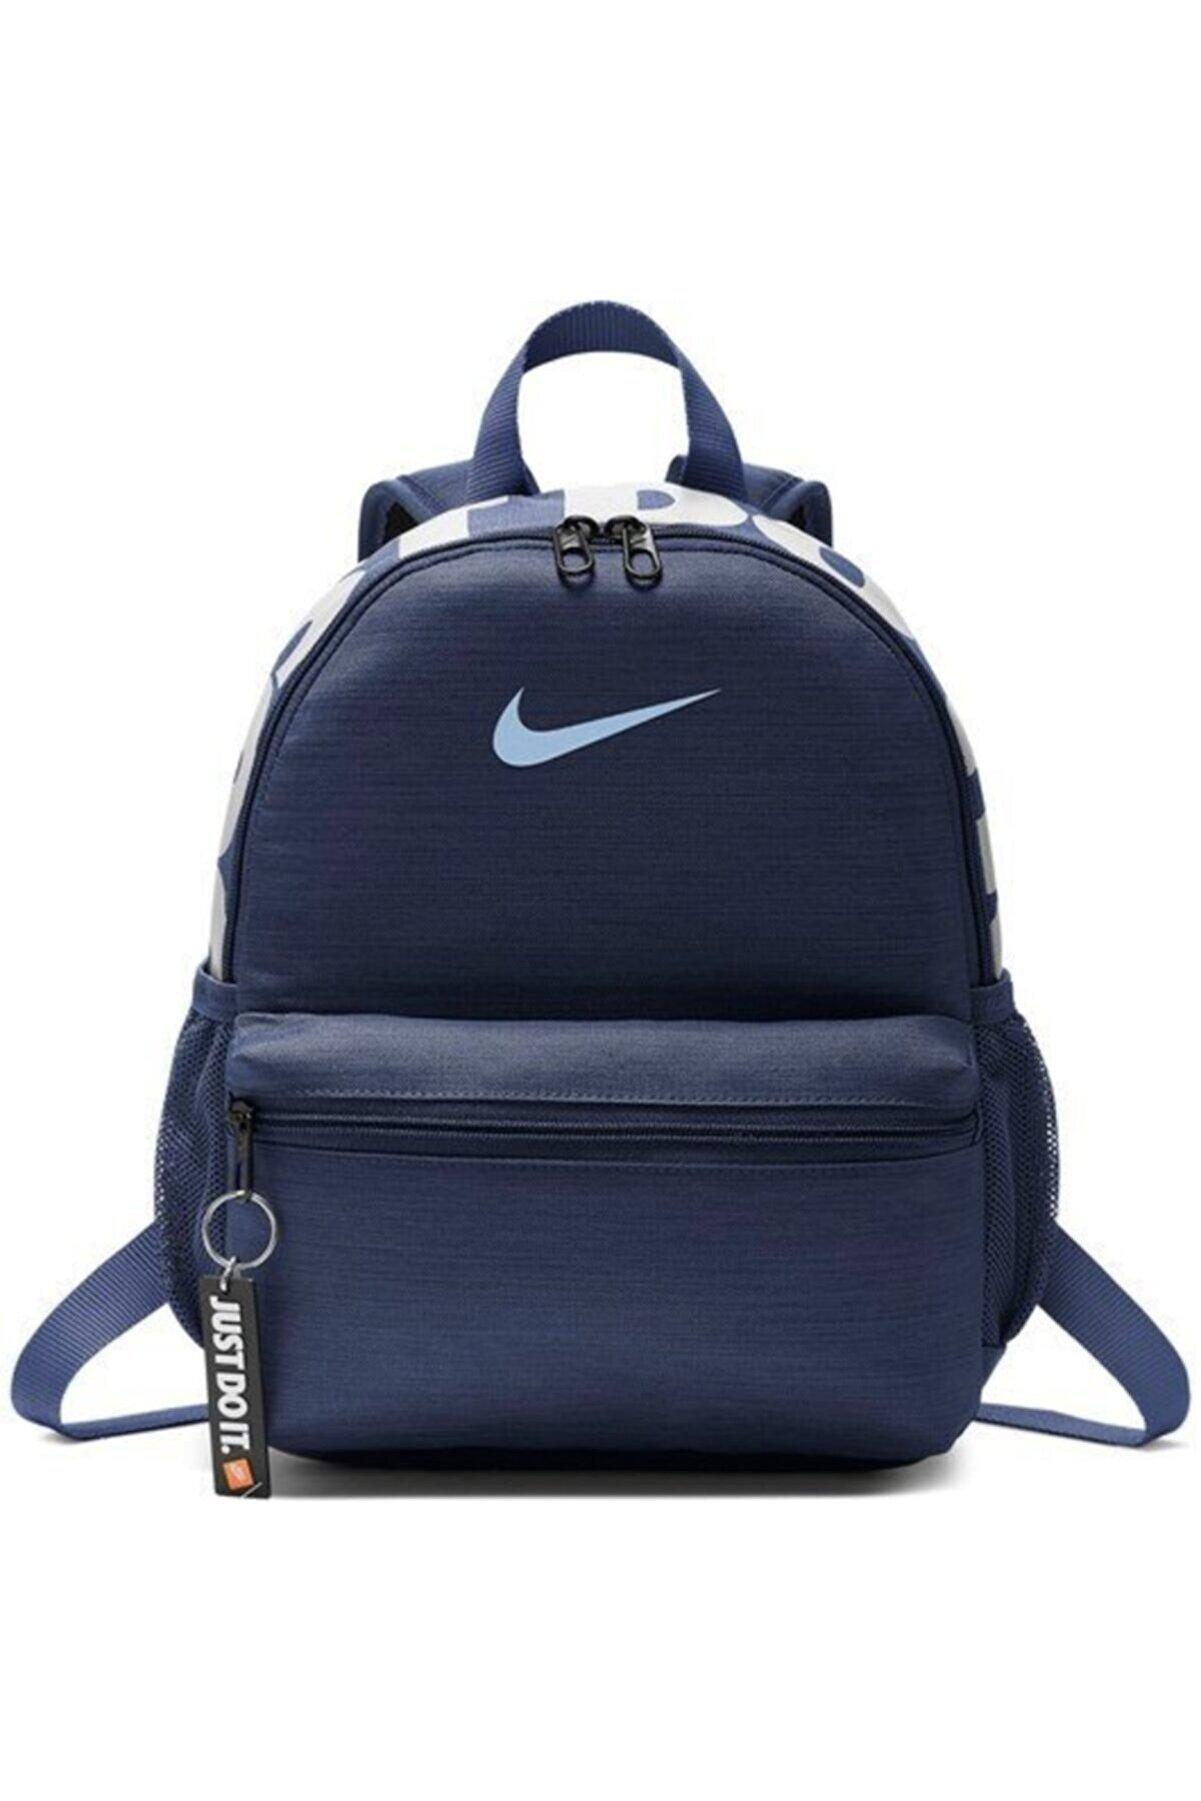 Nike Küçük Sırt Çantası Lacivert 5559410